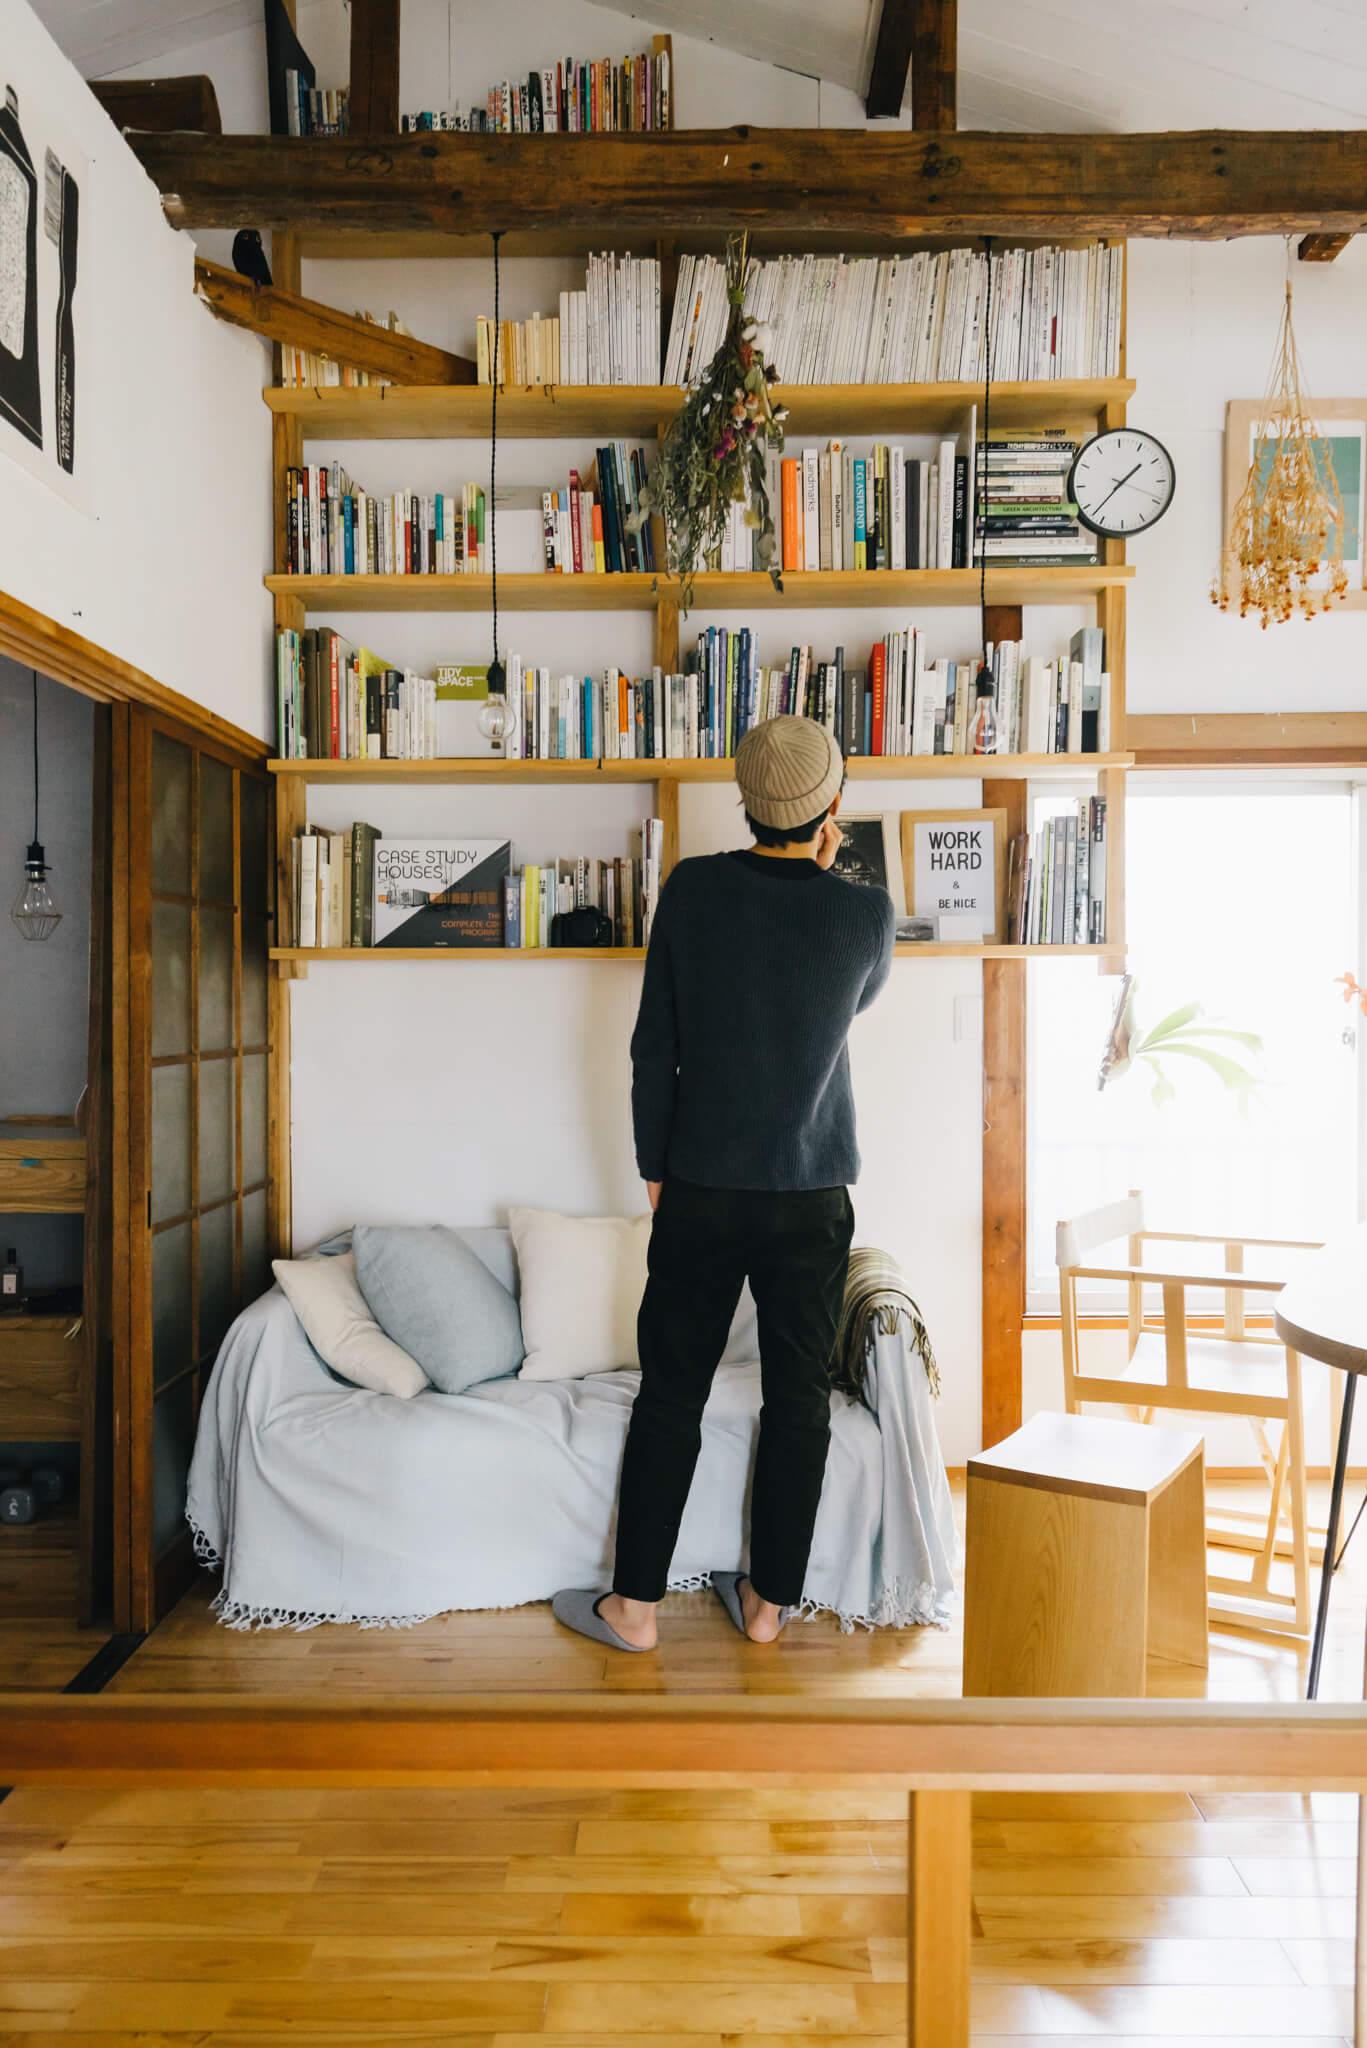 お部屋の中で、特に印象的だったのがこちらの本棚。